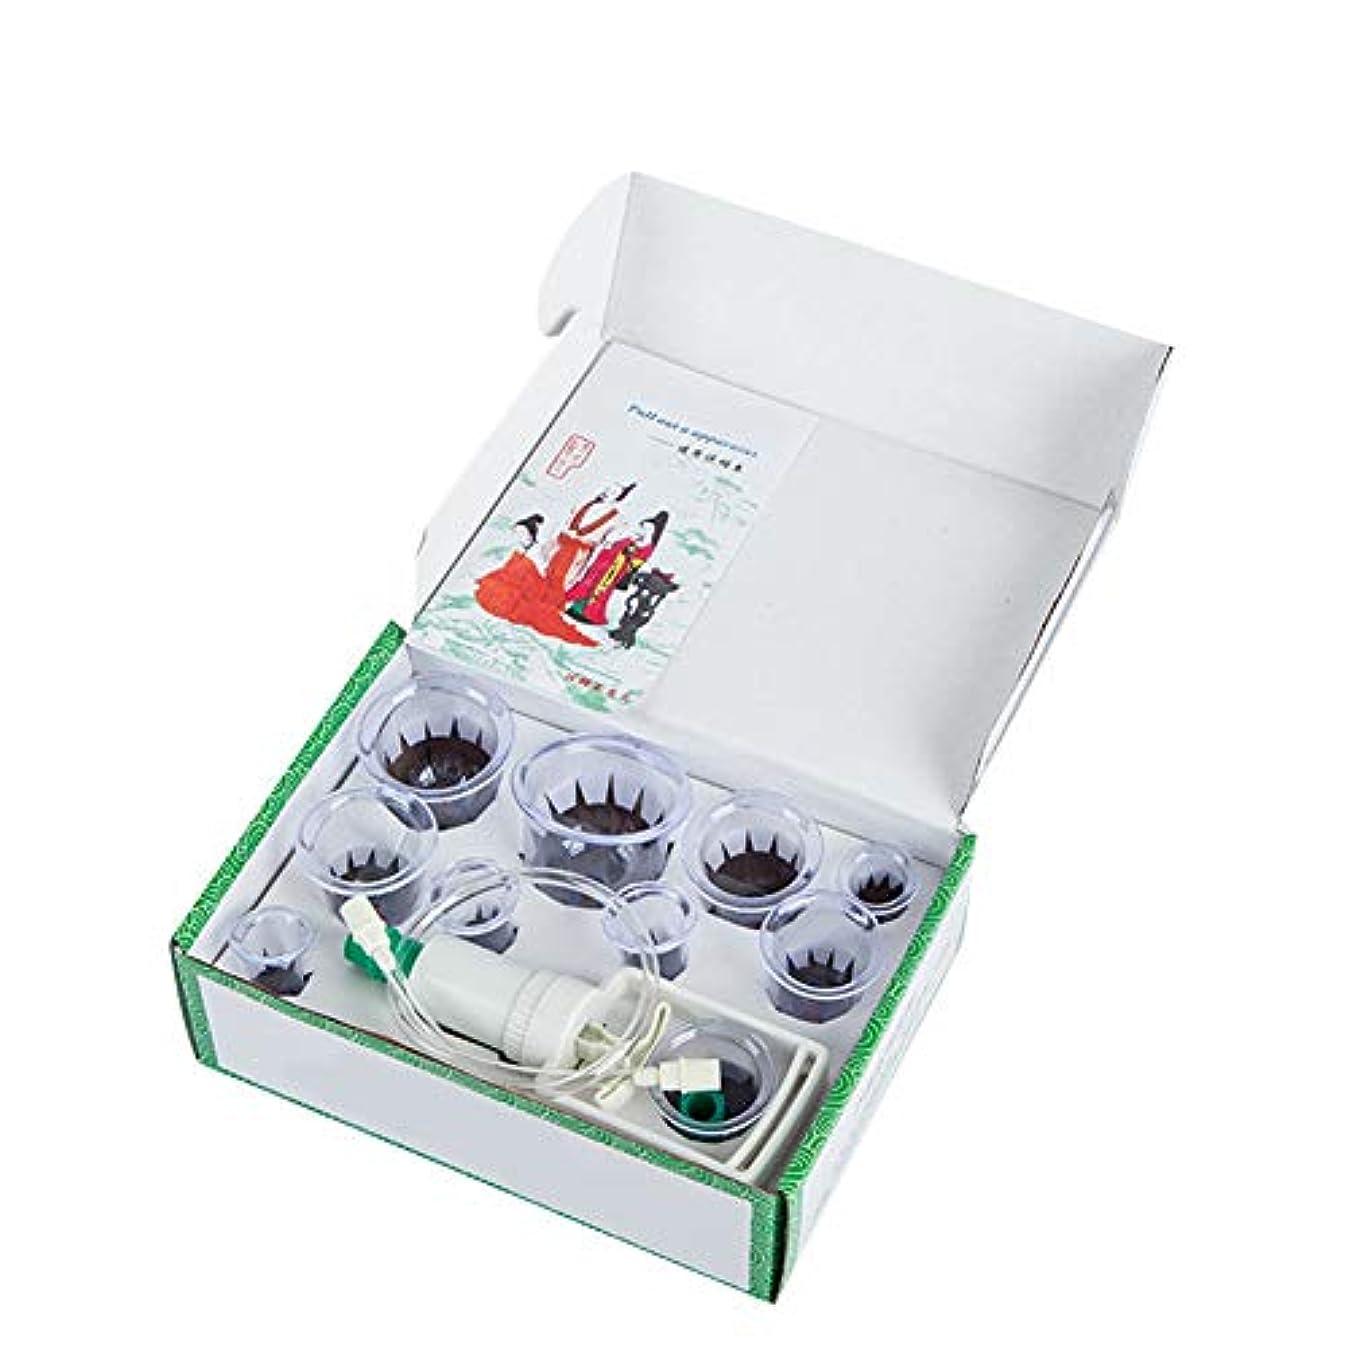 居住者ハック頭10カップカッピングセットプラスチック、真空吸引中国式ツボ療法、ポンプ付きホーム、ボディマッサージ鎮痛理学療法排泄毒素